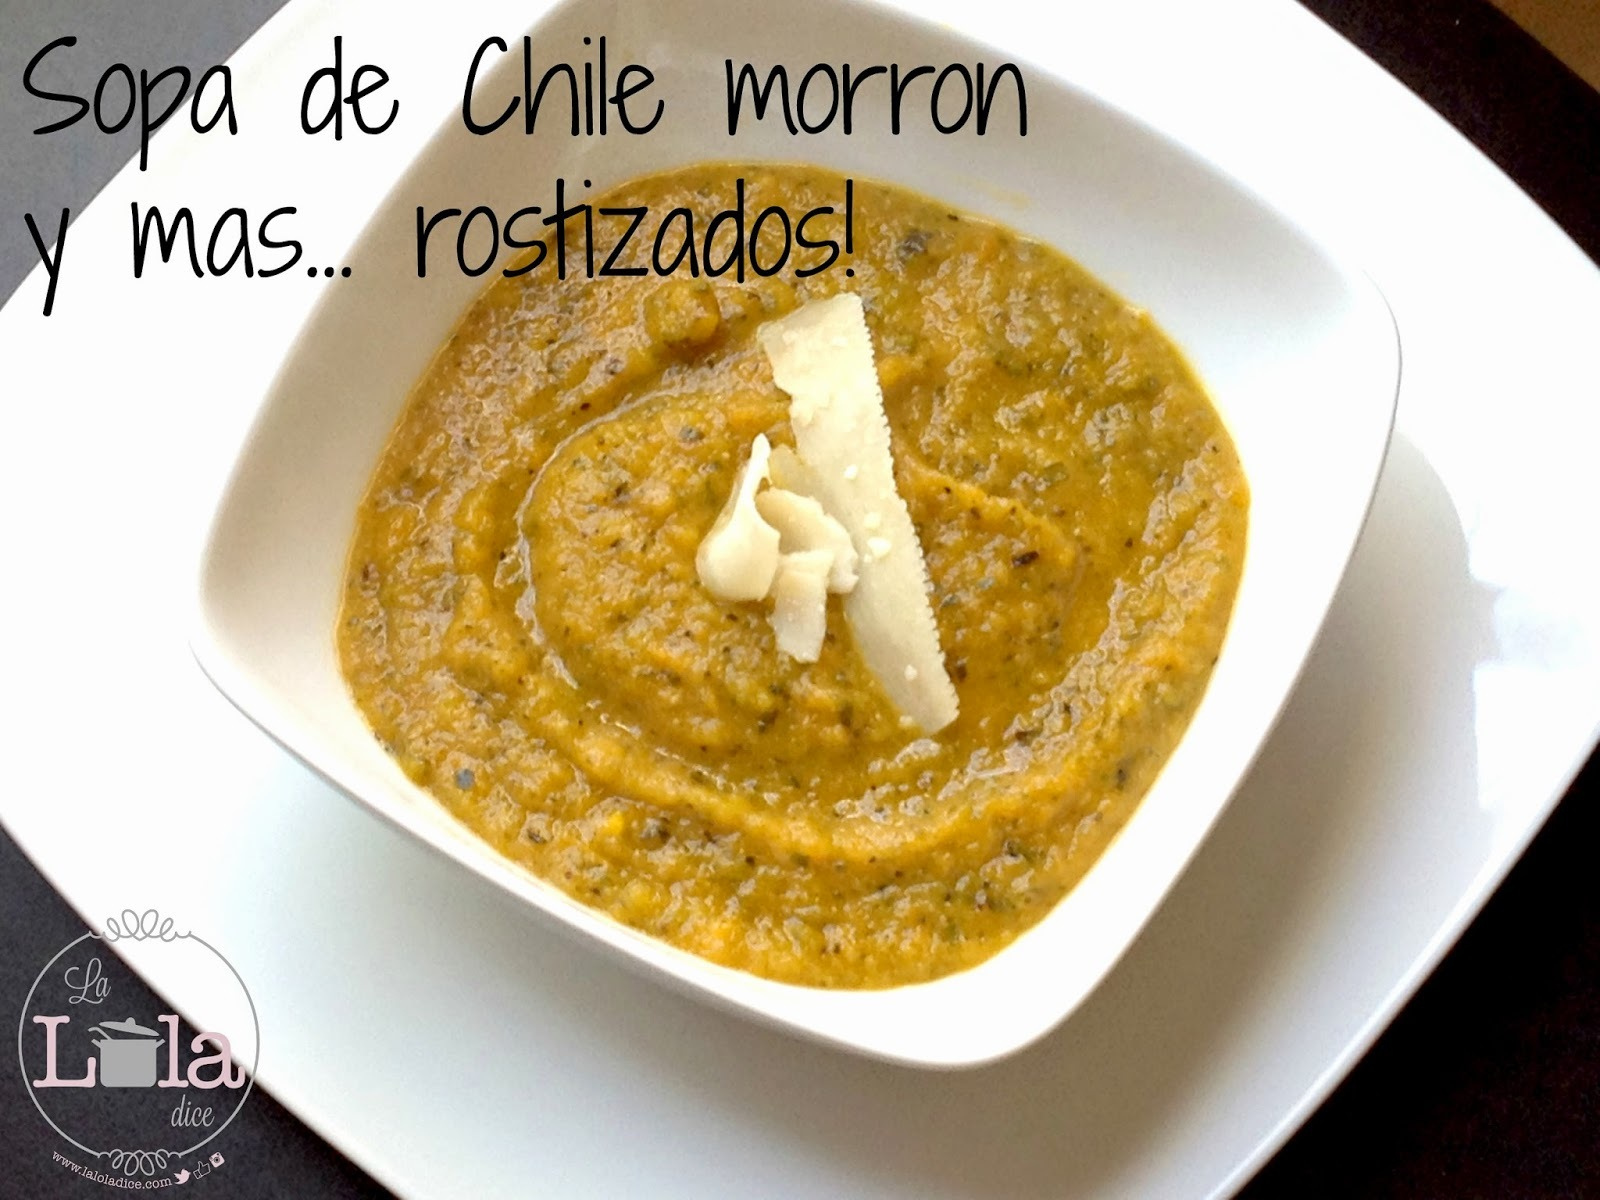 Sopa de Chile morrón y más, rostizado